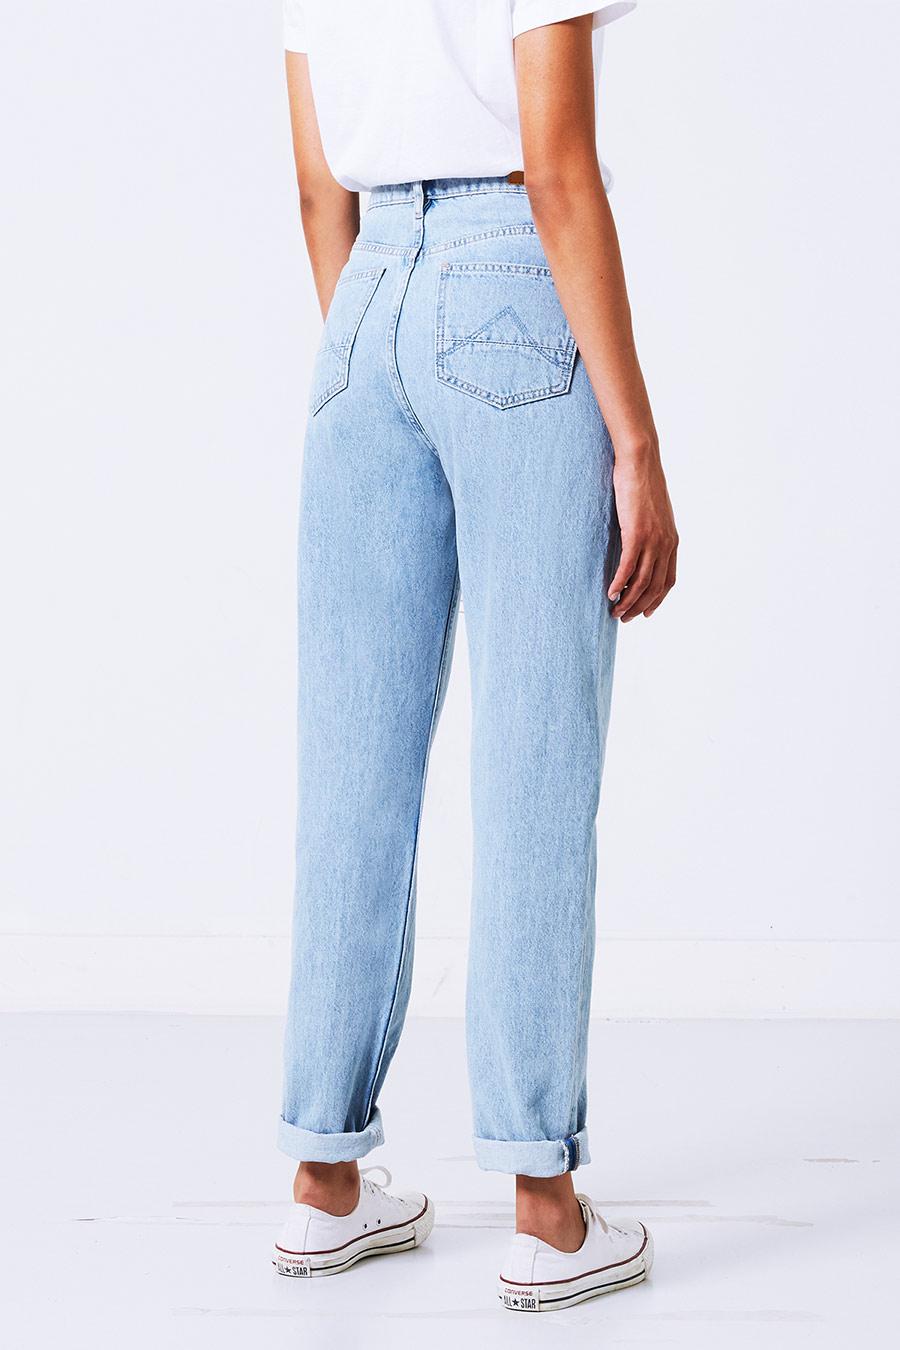 Jadan Jeans alt